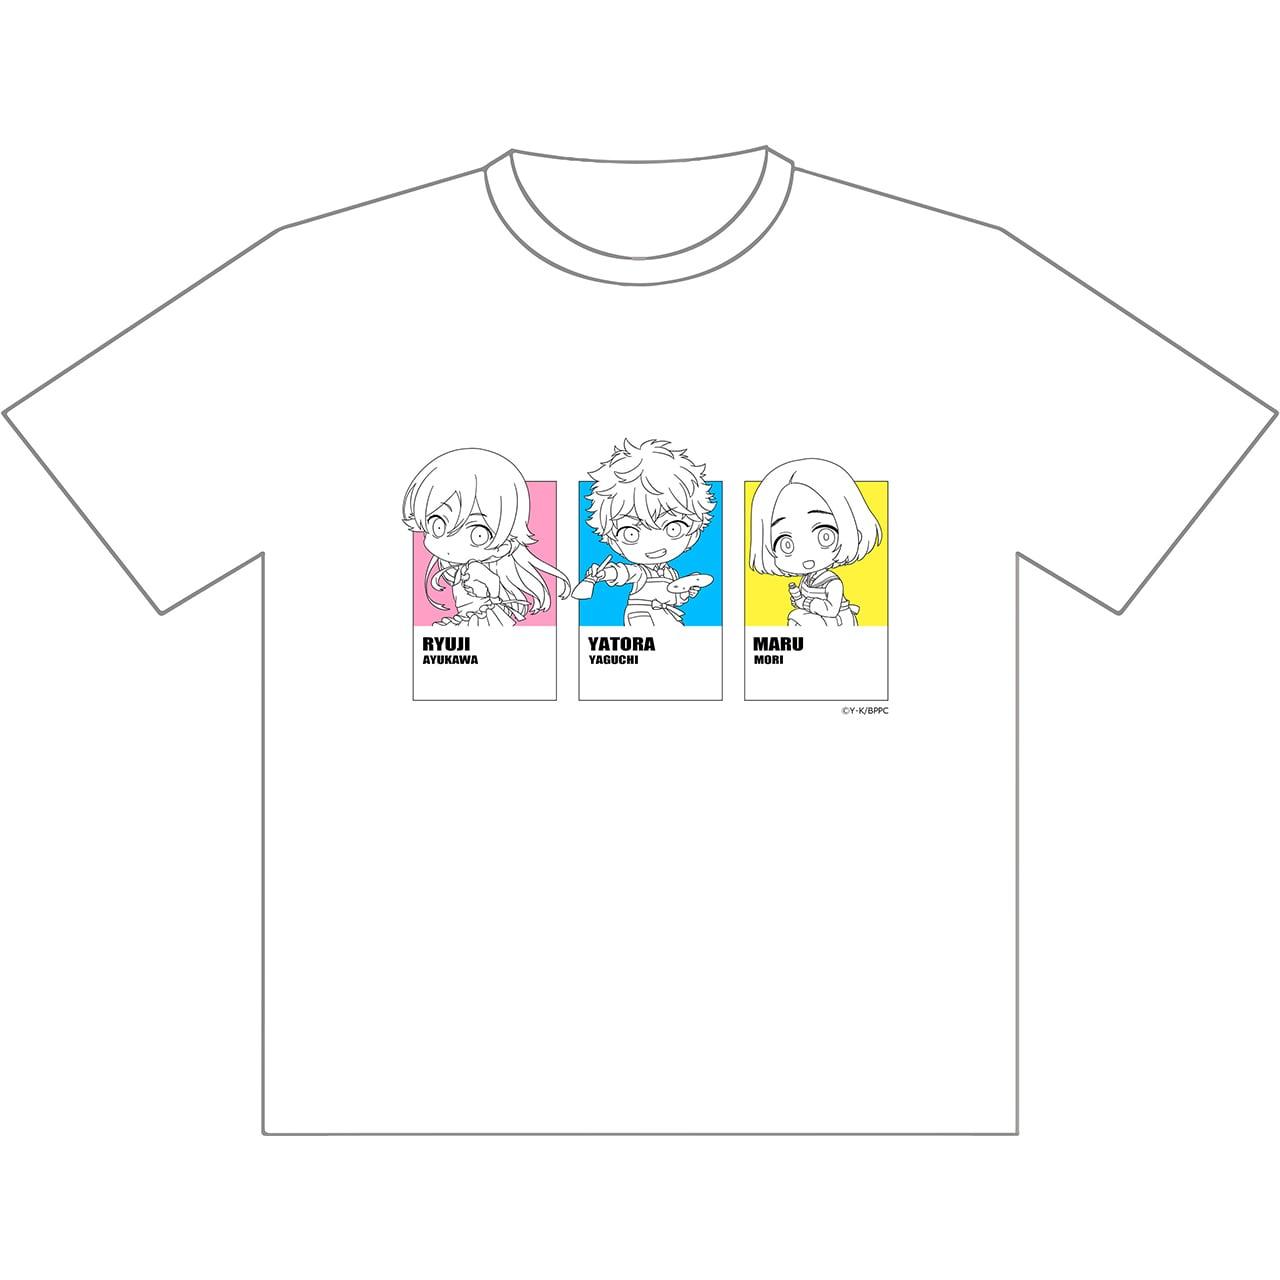 【4589839368025予】ブルーピリオド Tシャツ(矢虎&龍二&まる) L